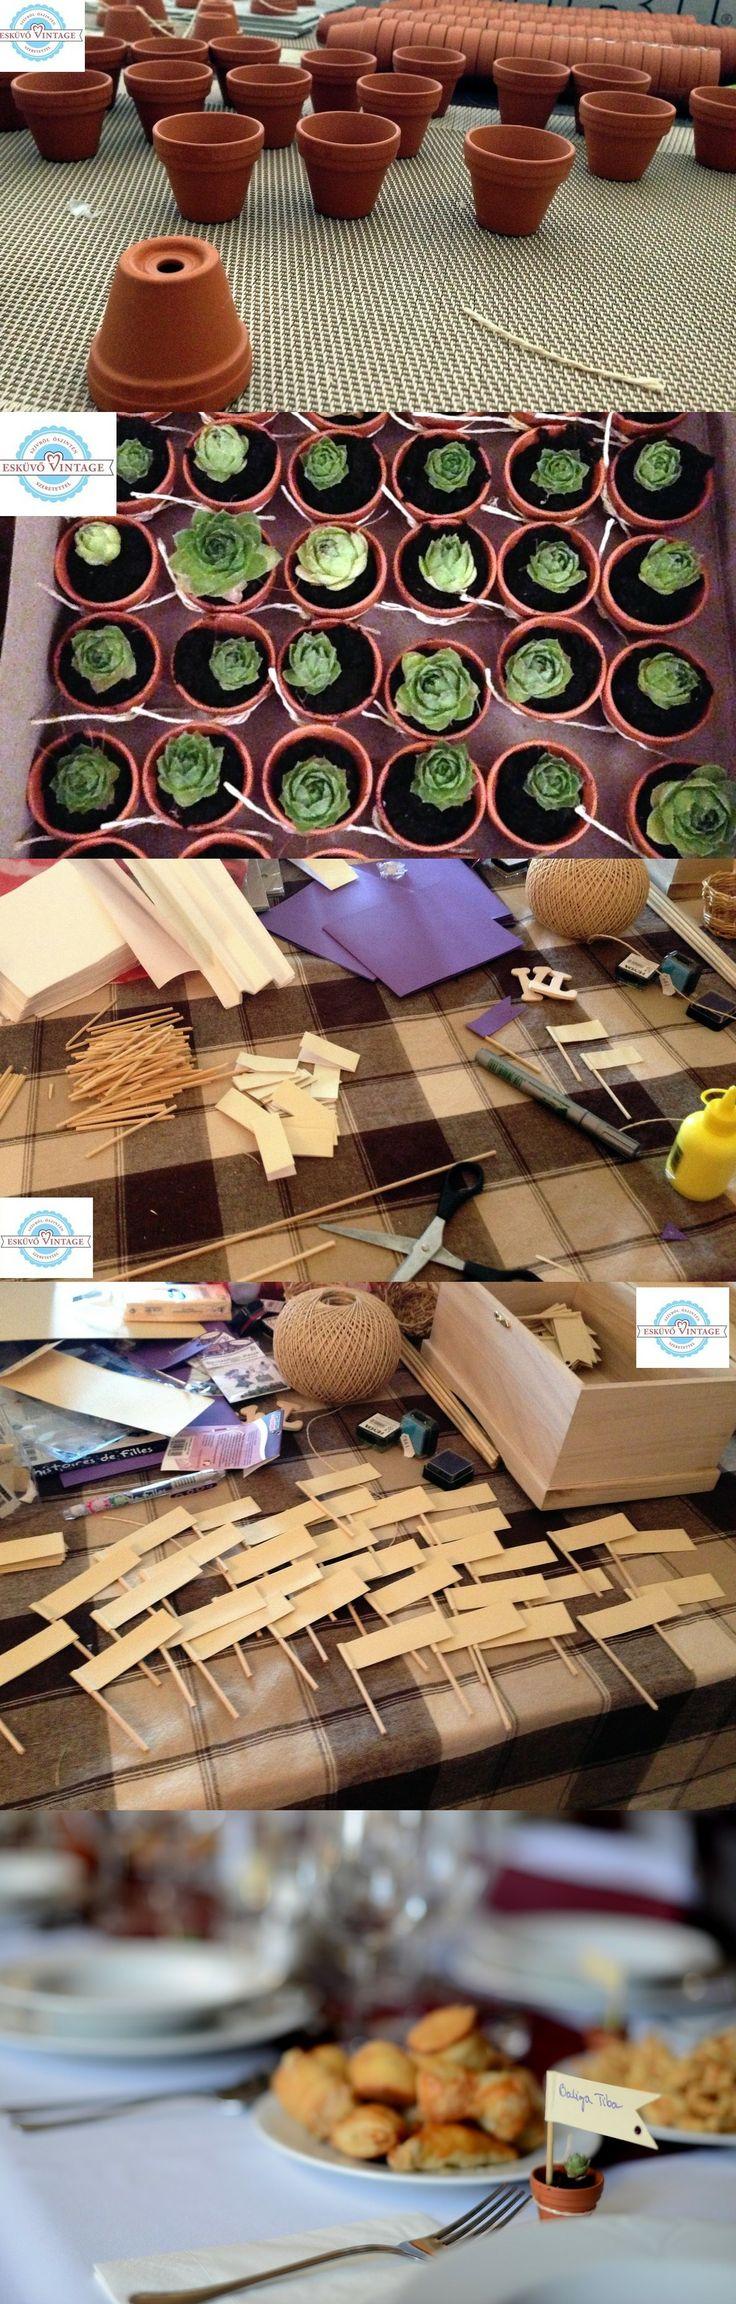 Kövirózsa mini agyagcserépben - Esküvői ajándék SK Succulent wedding favor - DIY